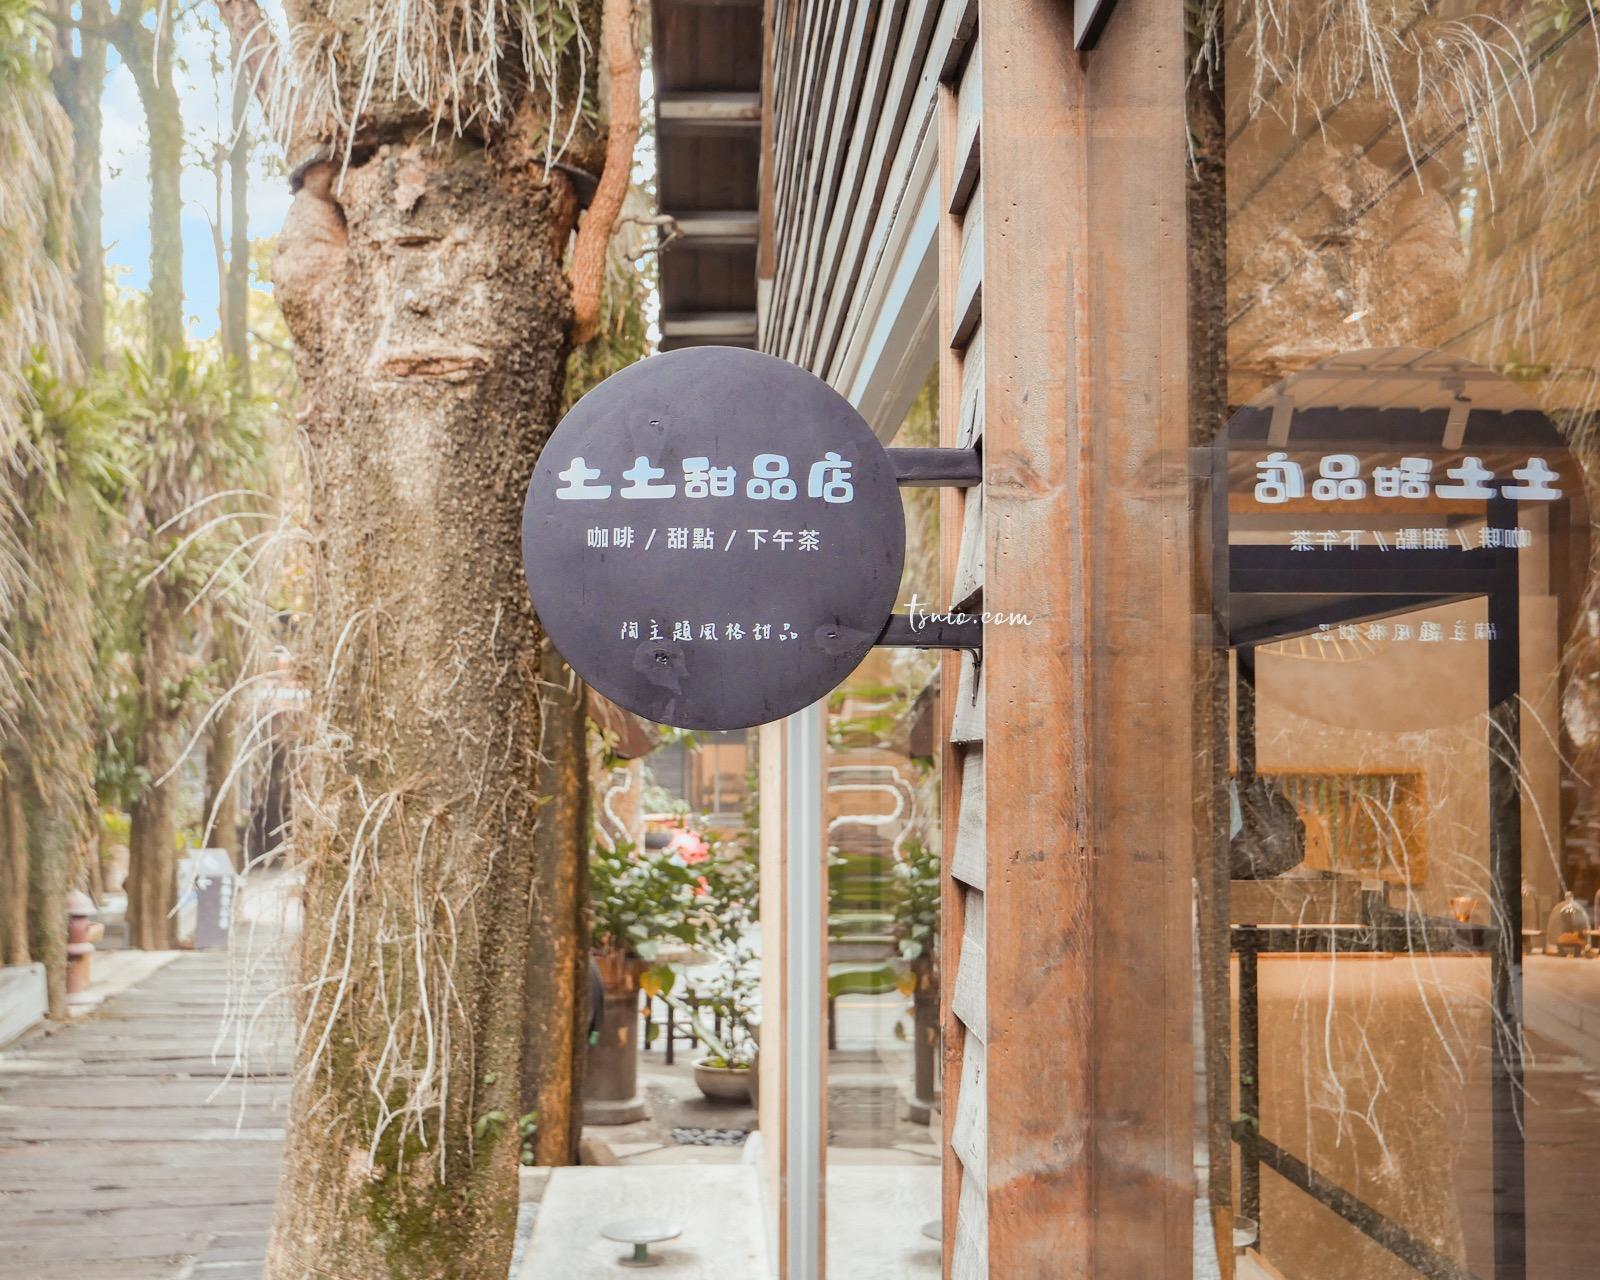 南投咖啡廳 土土甜品店 水里蛇窯最土的陶風格甜點店